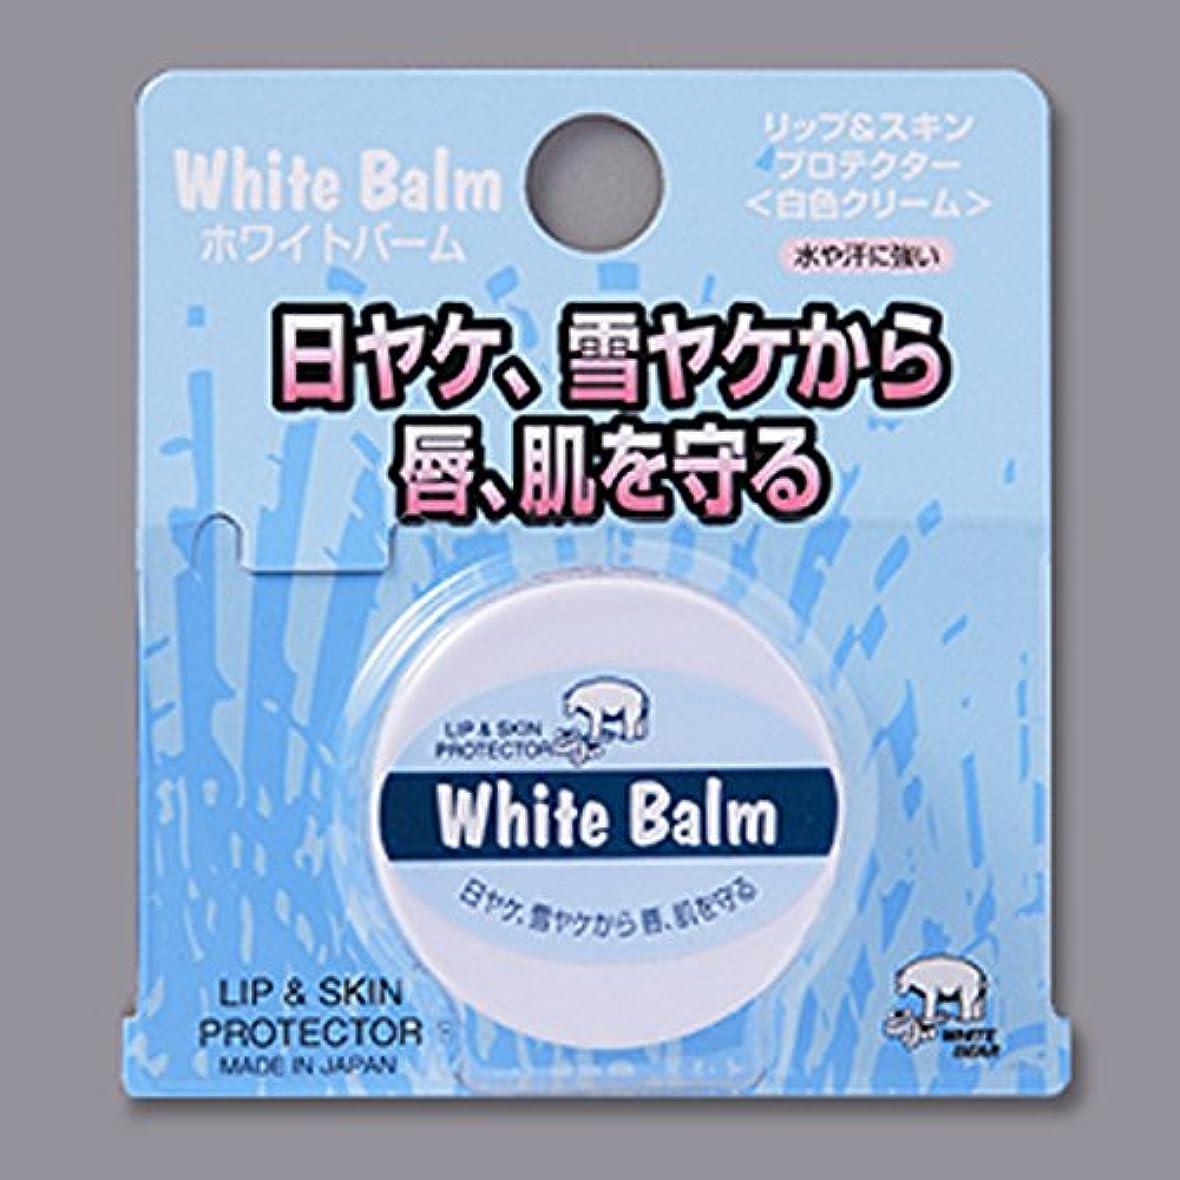 バウンドテザー競合他社選手ホワイトバーム リップ&スキンプロテクター 白色クリーム 強力日焼け止め No.555